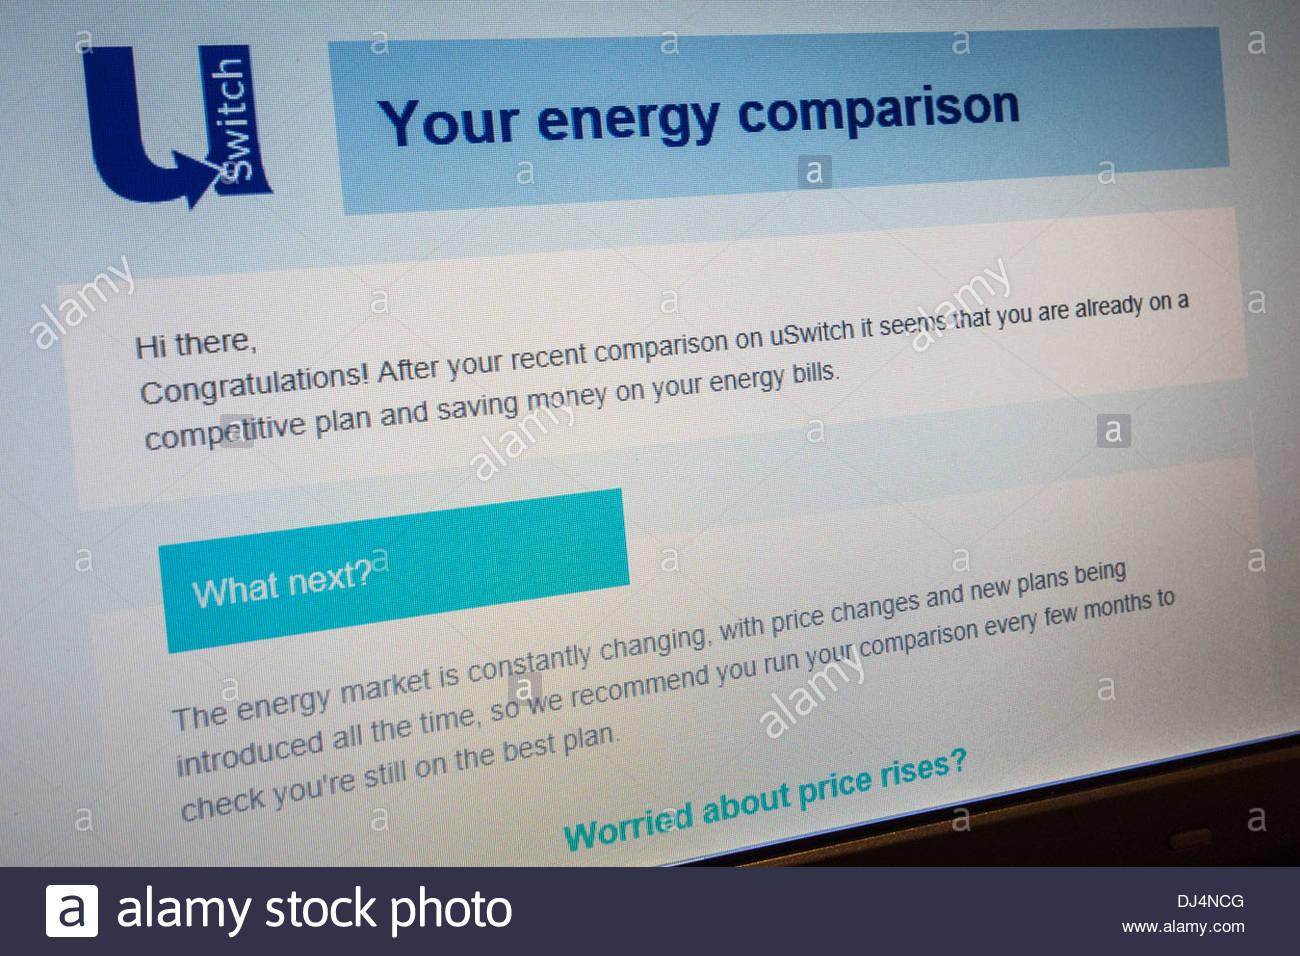 USwitch a confronto del consumo energetico dimostra che il consumatore è già su un piano competitivo e nessun ulteriore risparmio può essere realizzato Immagini Stock